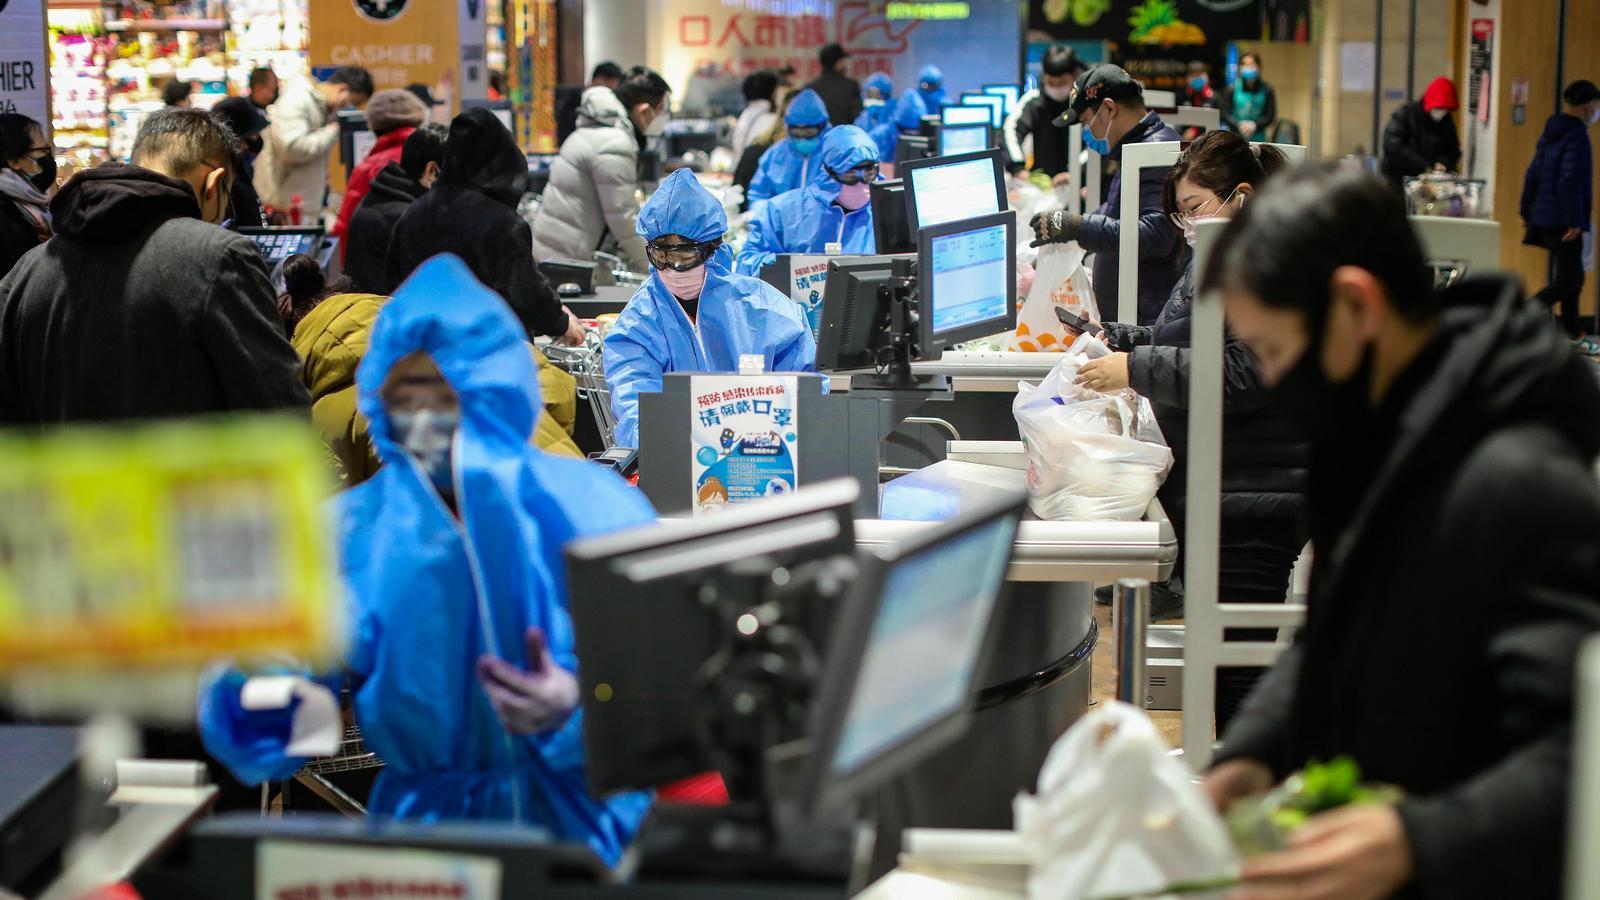 """Reunió de l'OMS sobre el coronavirus: """"No és l'hora de patents ni de beneficis, el que compta ara és salvar vides"""""""